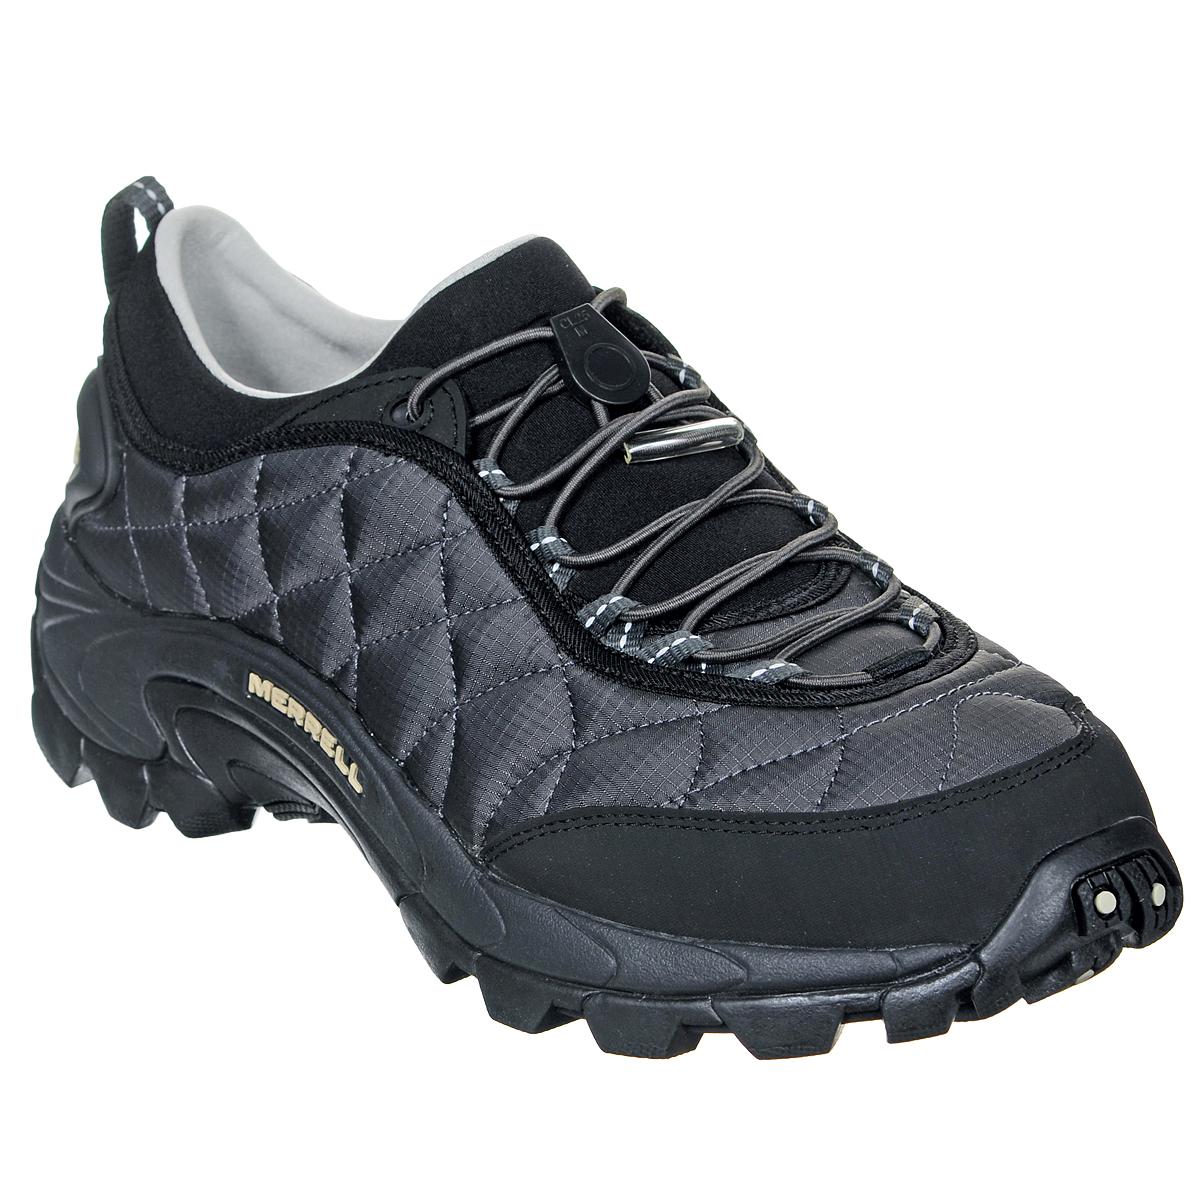 J61389Удобные трекинговые мужские кроссовки Ice Cap Moc II от Merrell прекрасно подойдут для активного отдыха. Верх модели выполнен из нейлона с водоотталкивающей пропиткой. Резиновый бампер носка защитит кроссовки при носке и продлит срок их службы. Подкладка, выполненная из мягкого флиса и текстиля, защитит ноги от холода. Эластичная шнуровка с пластиковым стоппером надежно фиксирует модель на ноге. Кроссовки оформлены оригинальной прострочкой, на заднике рельефной надписью Merrell. Промежуточная подошва выполнена из ЭВА с Air Cushion - гибкого, легкого материала обладающего отличной амортизацией, который стабилизирует и защищает от ударов стопу. Подошва из резины с рельефным протектором обеспечивает отличное сцепление на скользкой и заснеженной поверхности. Эти кроссовки оптимальный вариант для трекинга. В них вашим ногам будет комфортно и уютно.